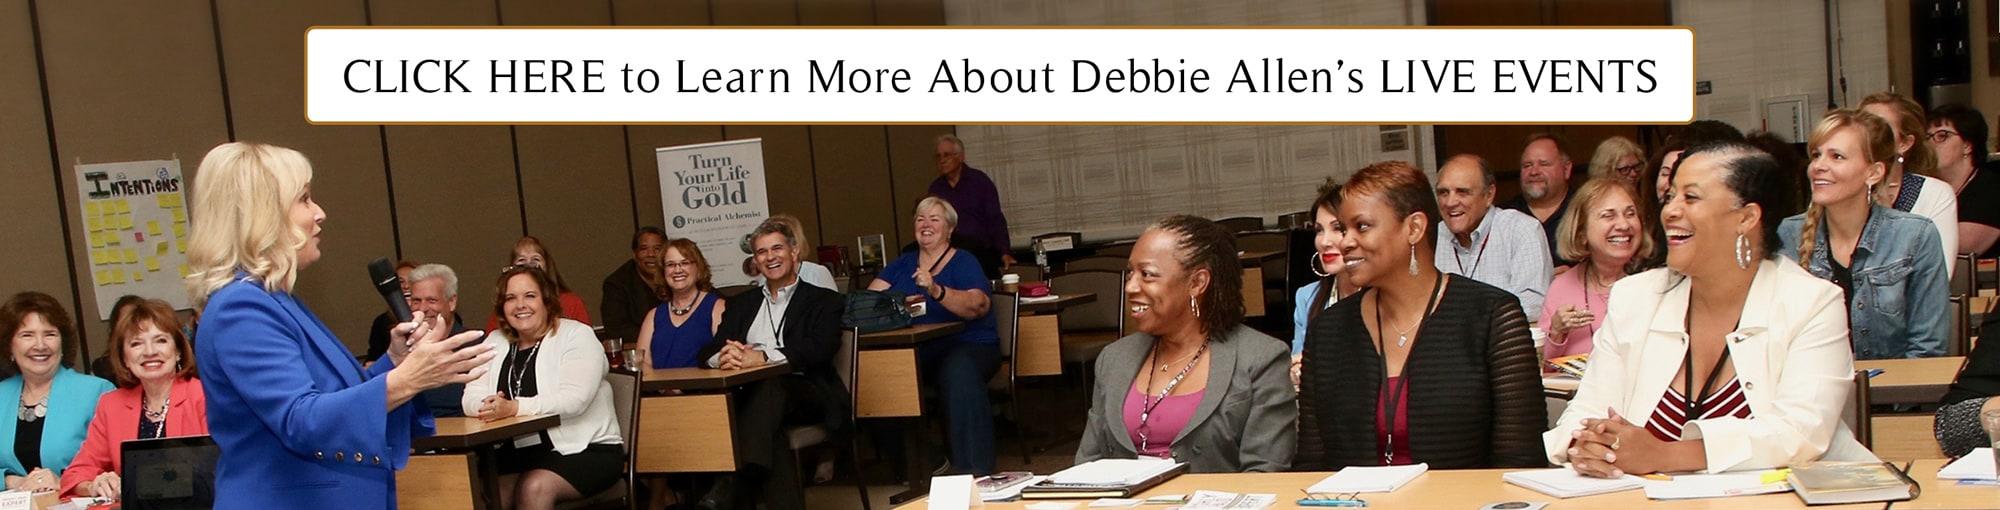 Debbie Allen Live Events banner